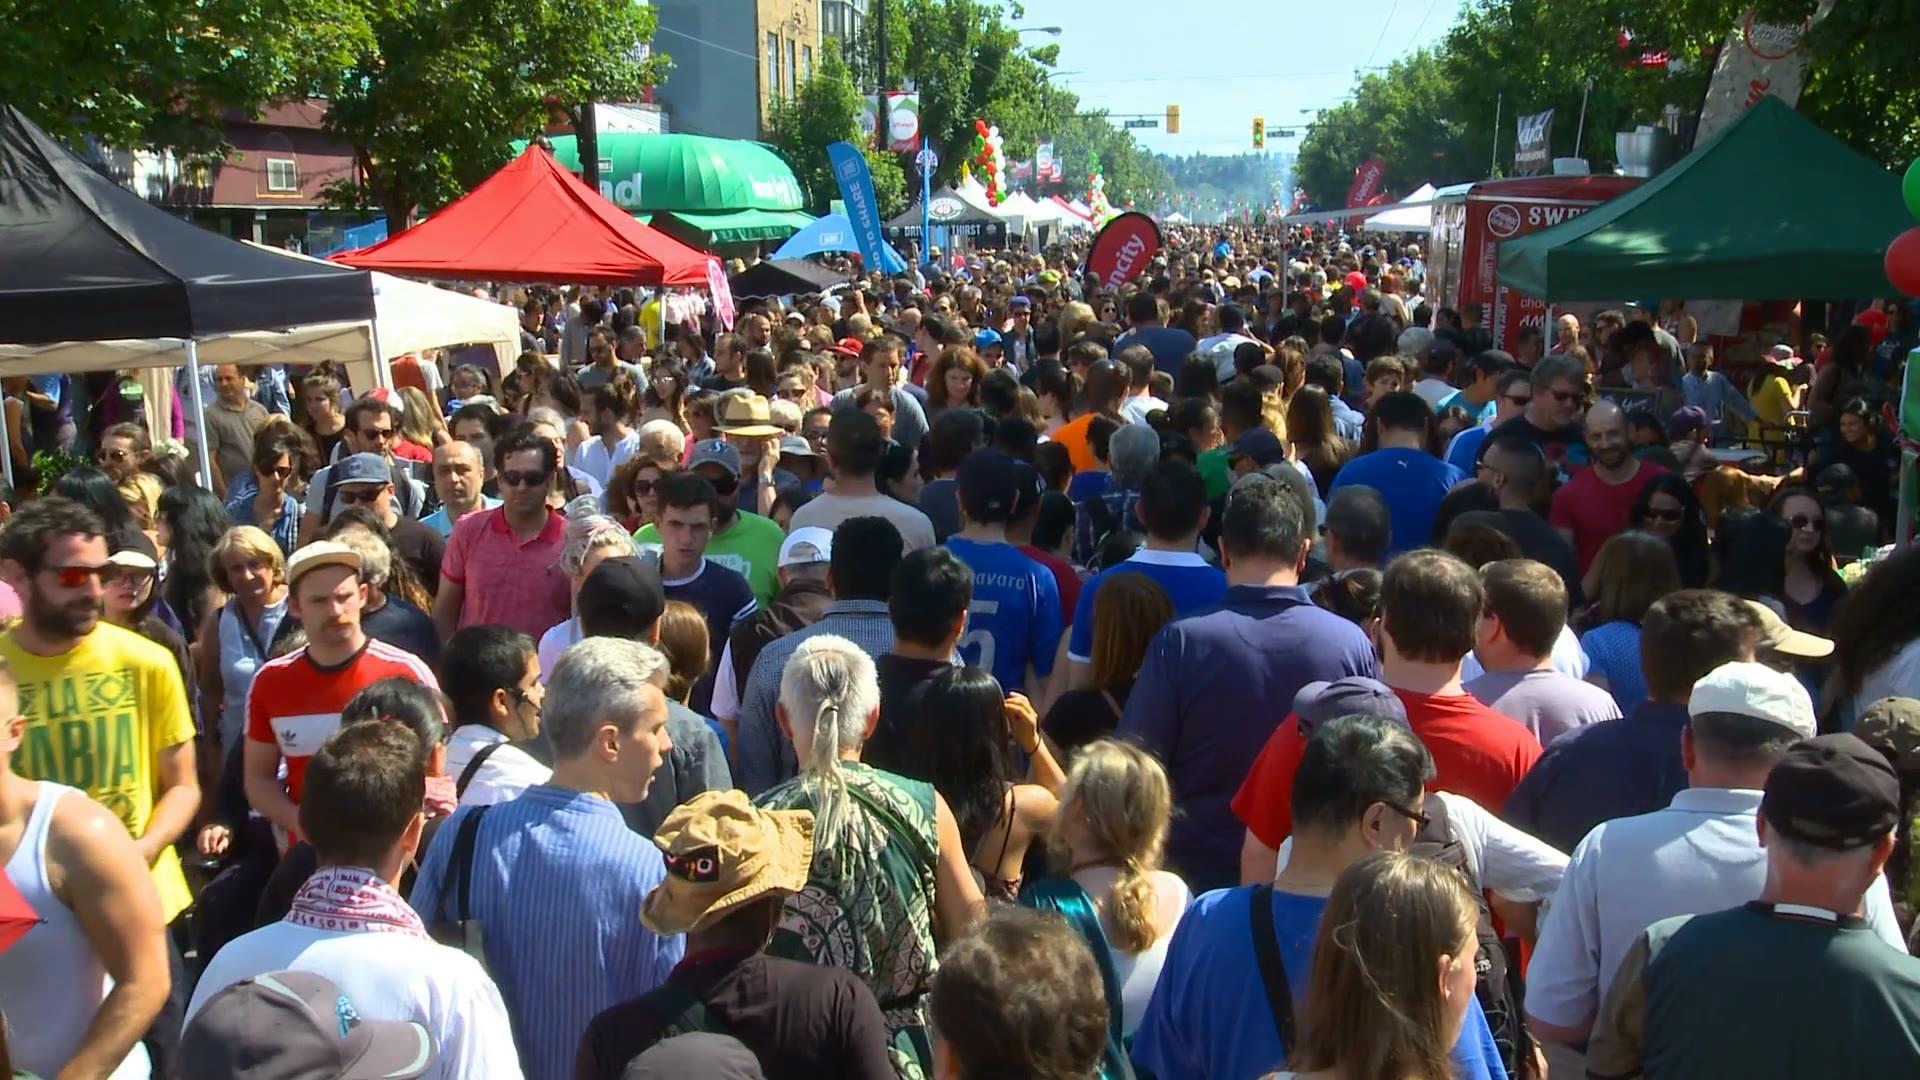 People in a street Festival